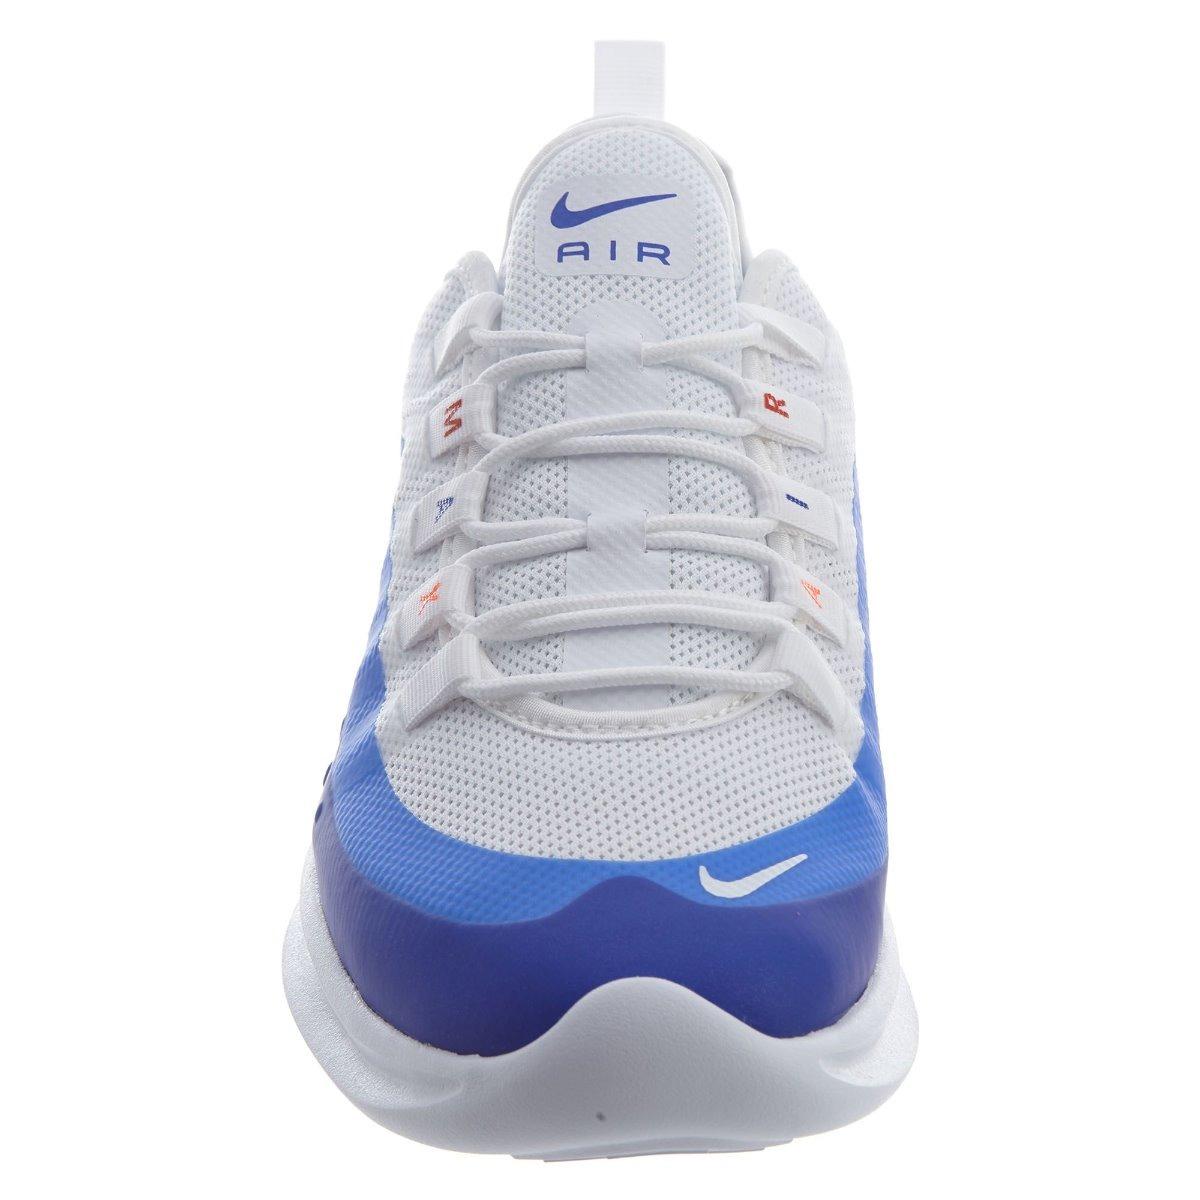 Moradas Amarillas Rosas Mujer Zapatos Nike Air PU29004415